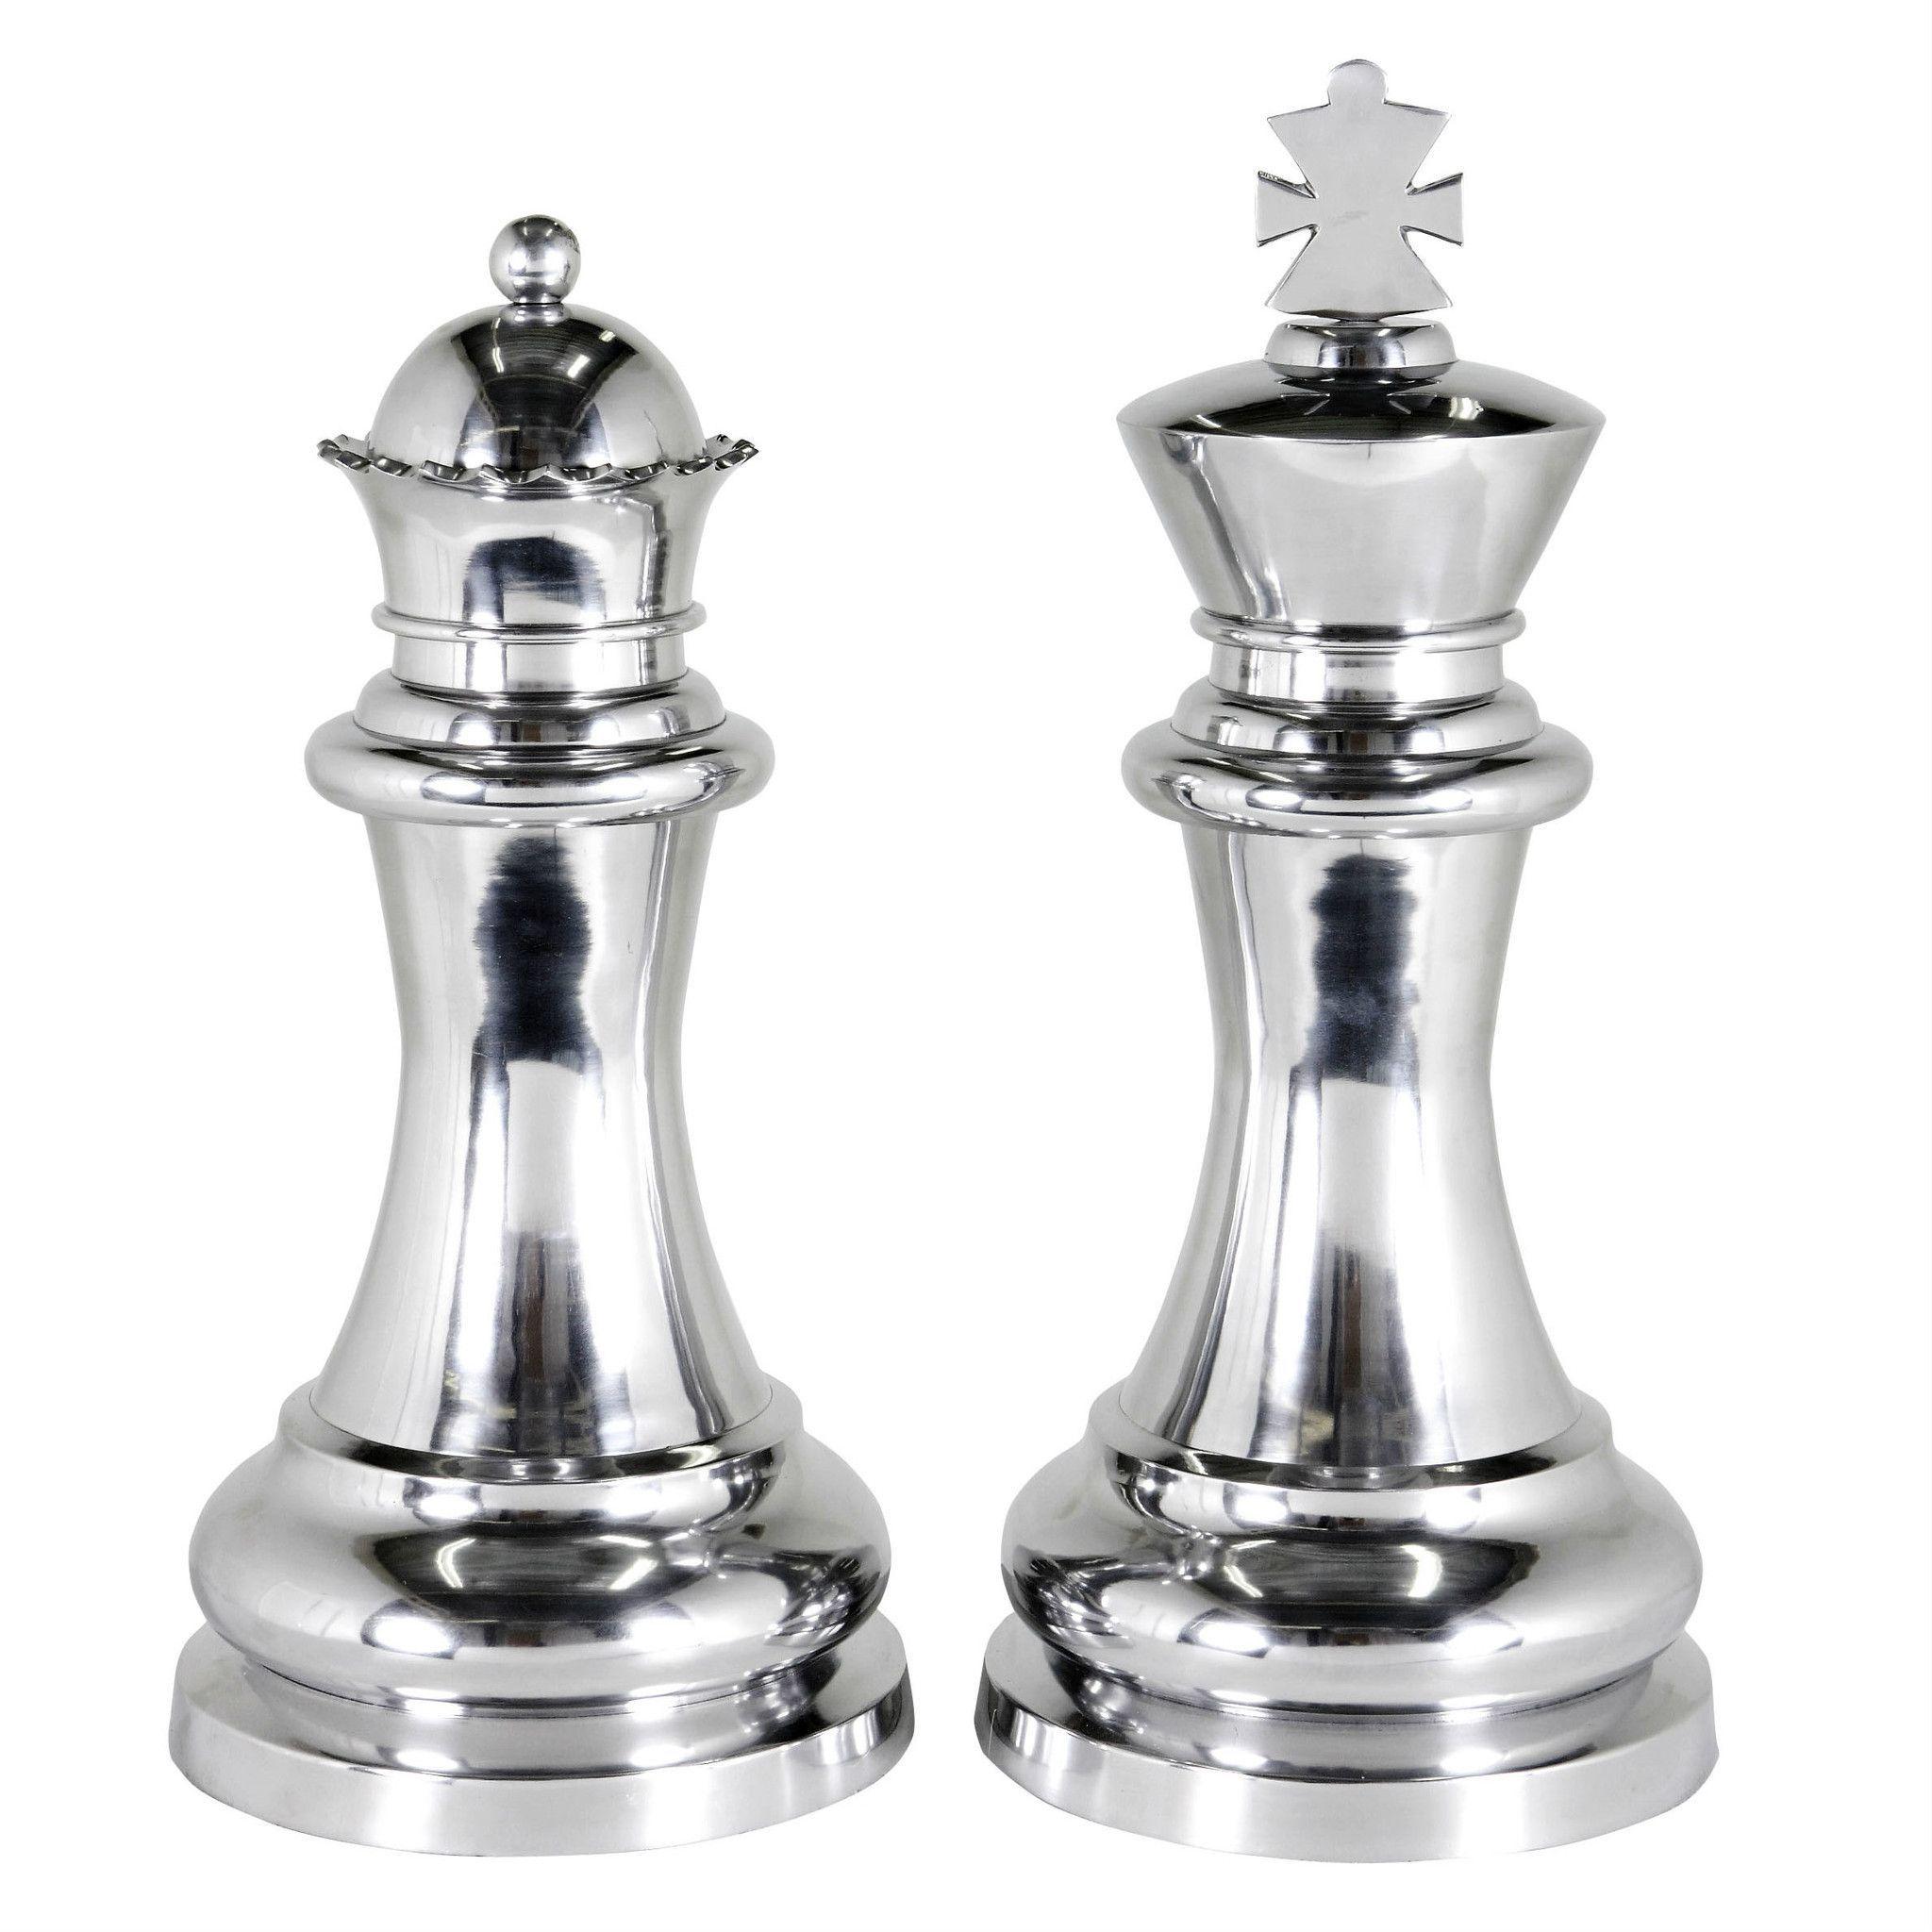 них картинки шахматные фигуры ферзь и король жкх датчиком движения